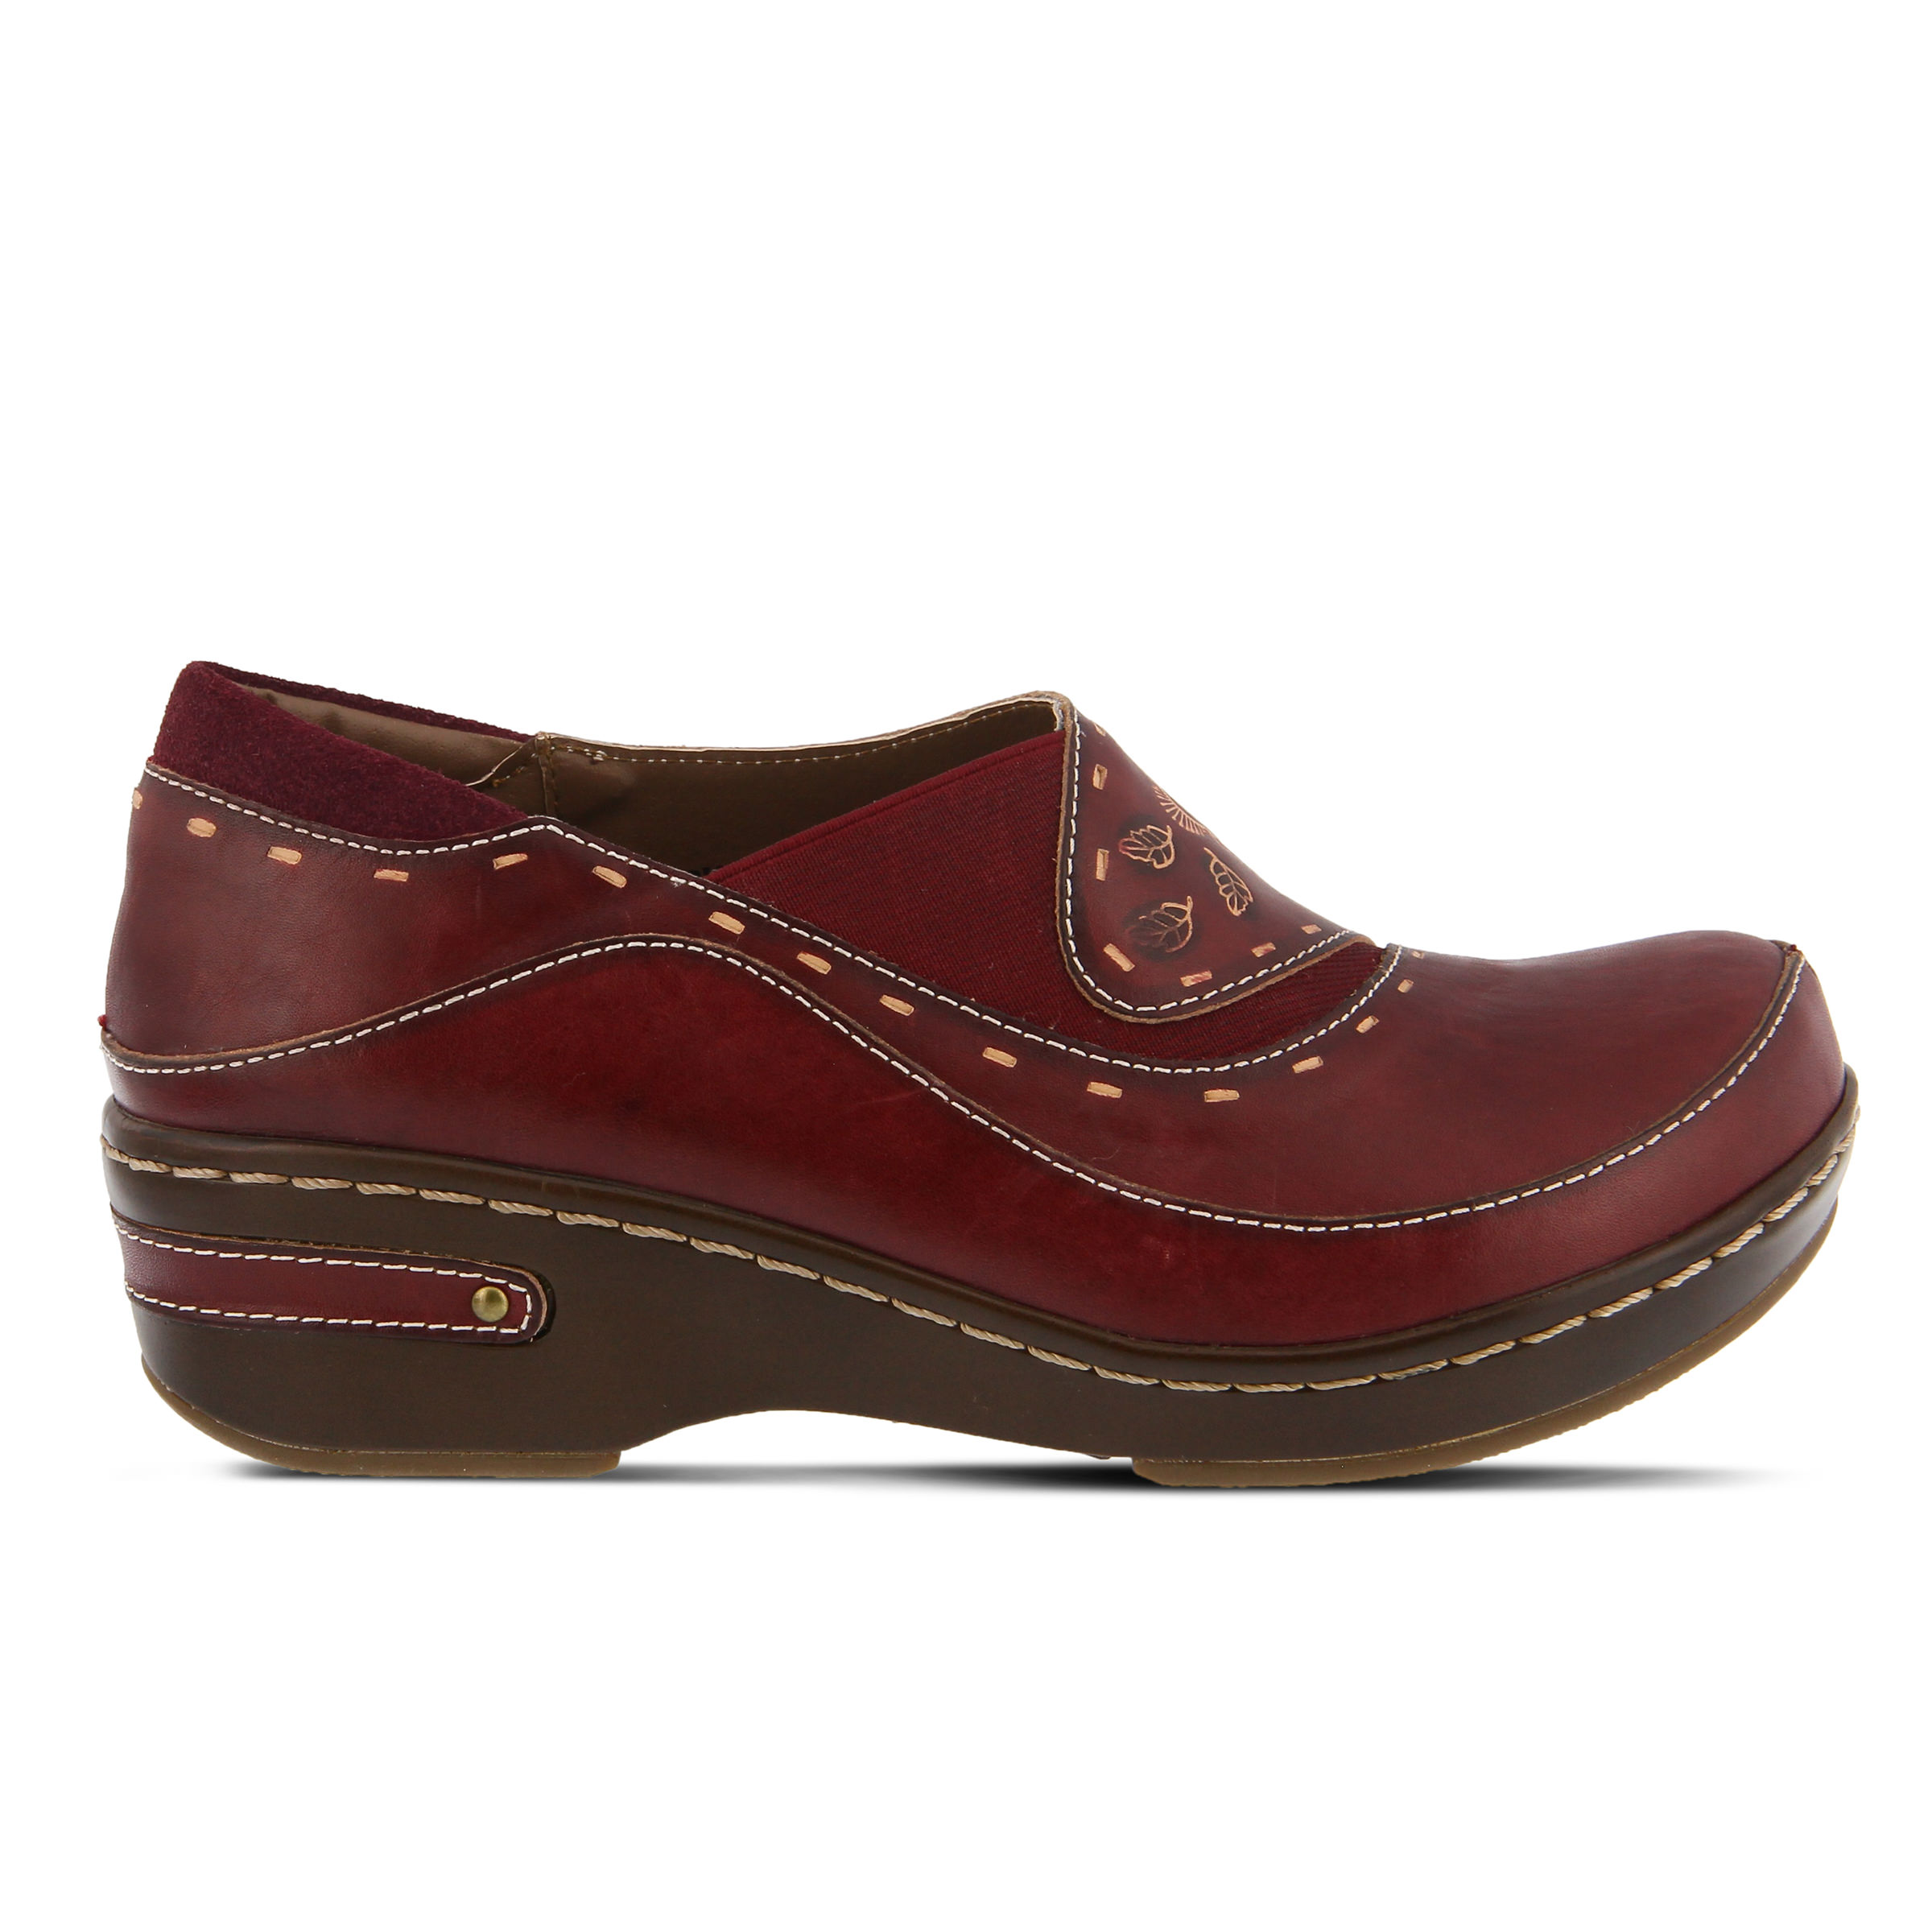 L'Artiste Burbank Women's Shoe (Brown Leather)